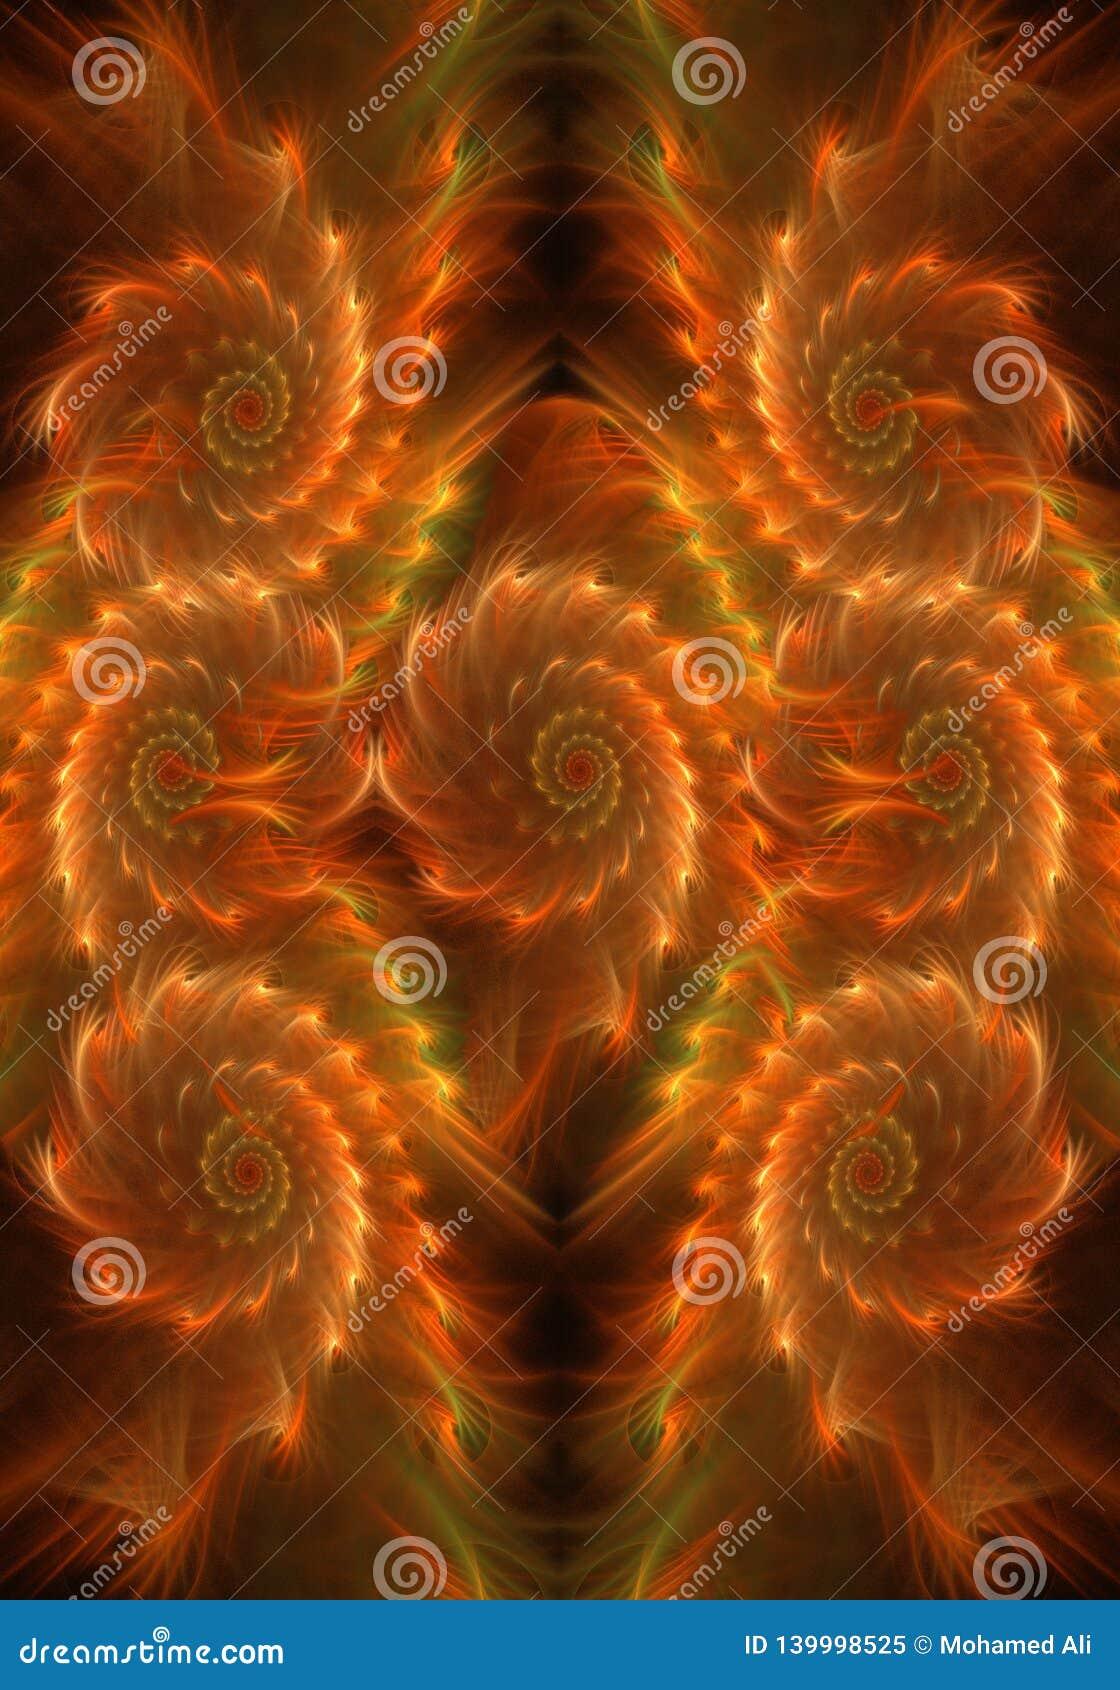 Illustration générée par ordinateur artistique du résumé 3d de fond ardent sinueux doux pur de fractale